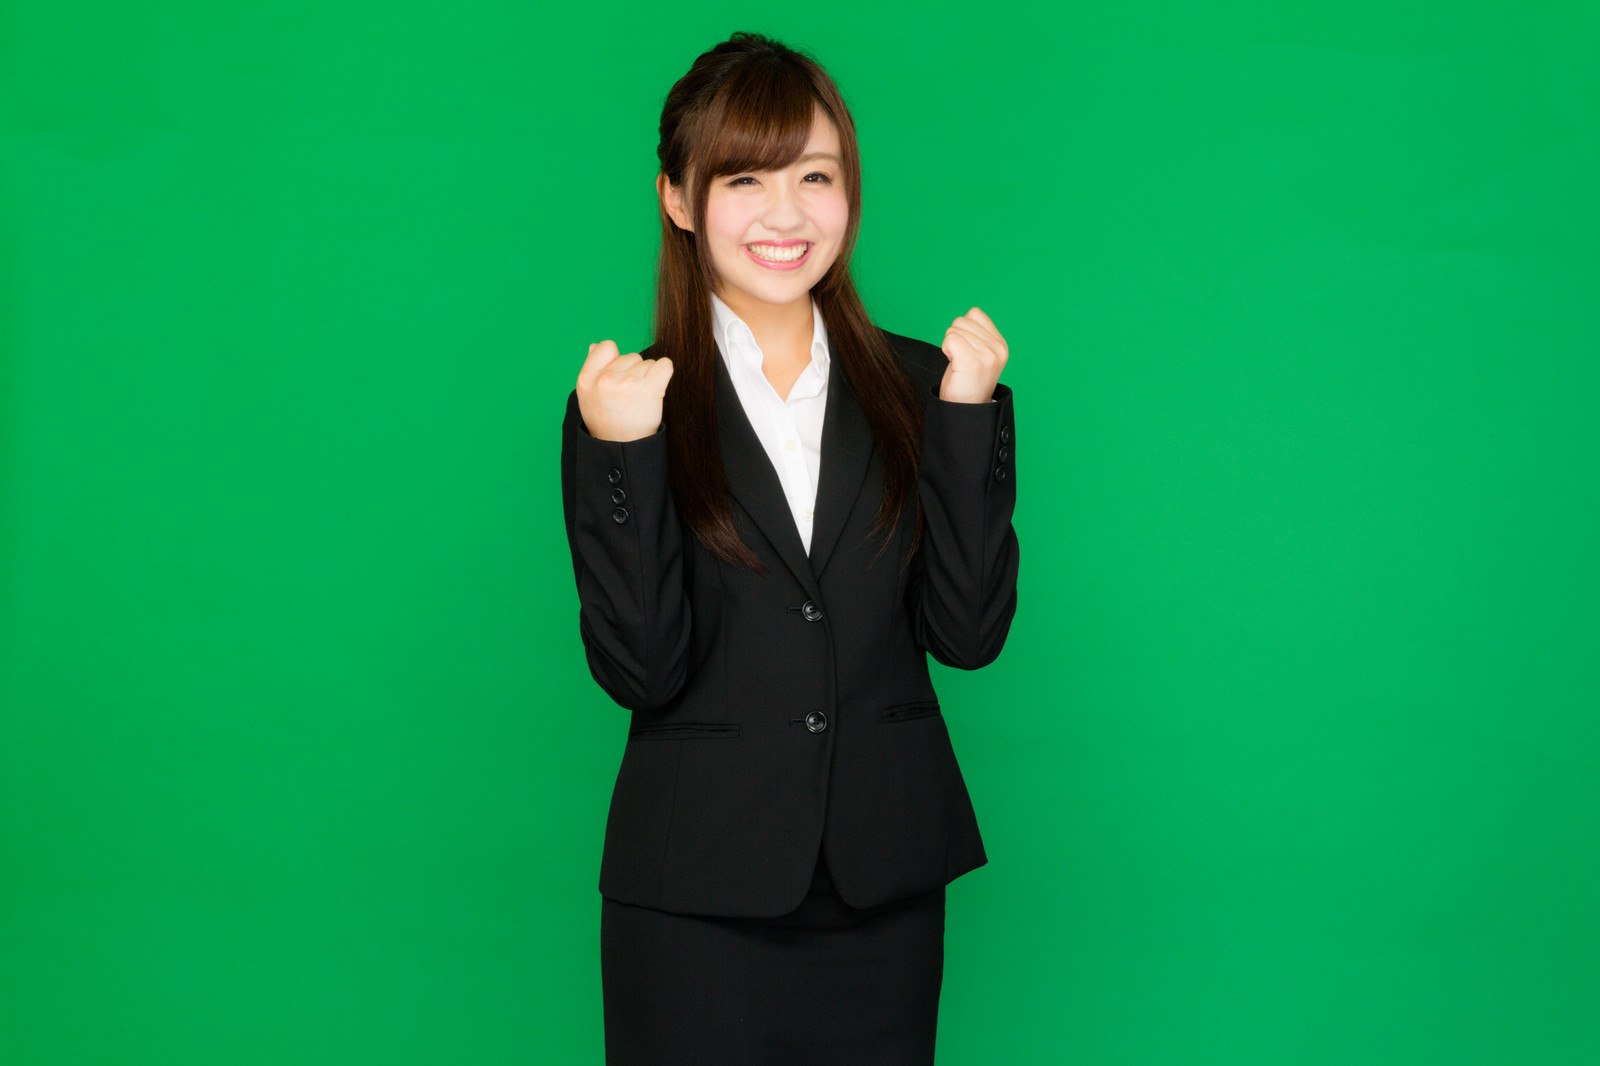 24歳女性は早めの転職決断が功を奏す!まずは将来どうなりたいかを考えてみよう